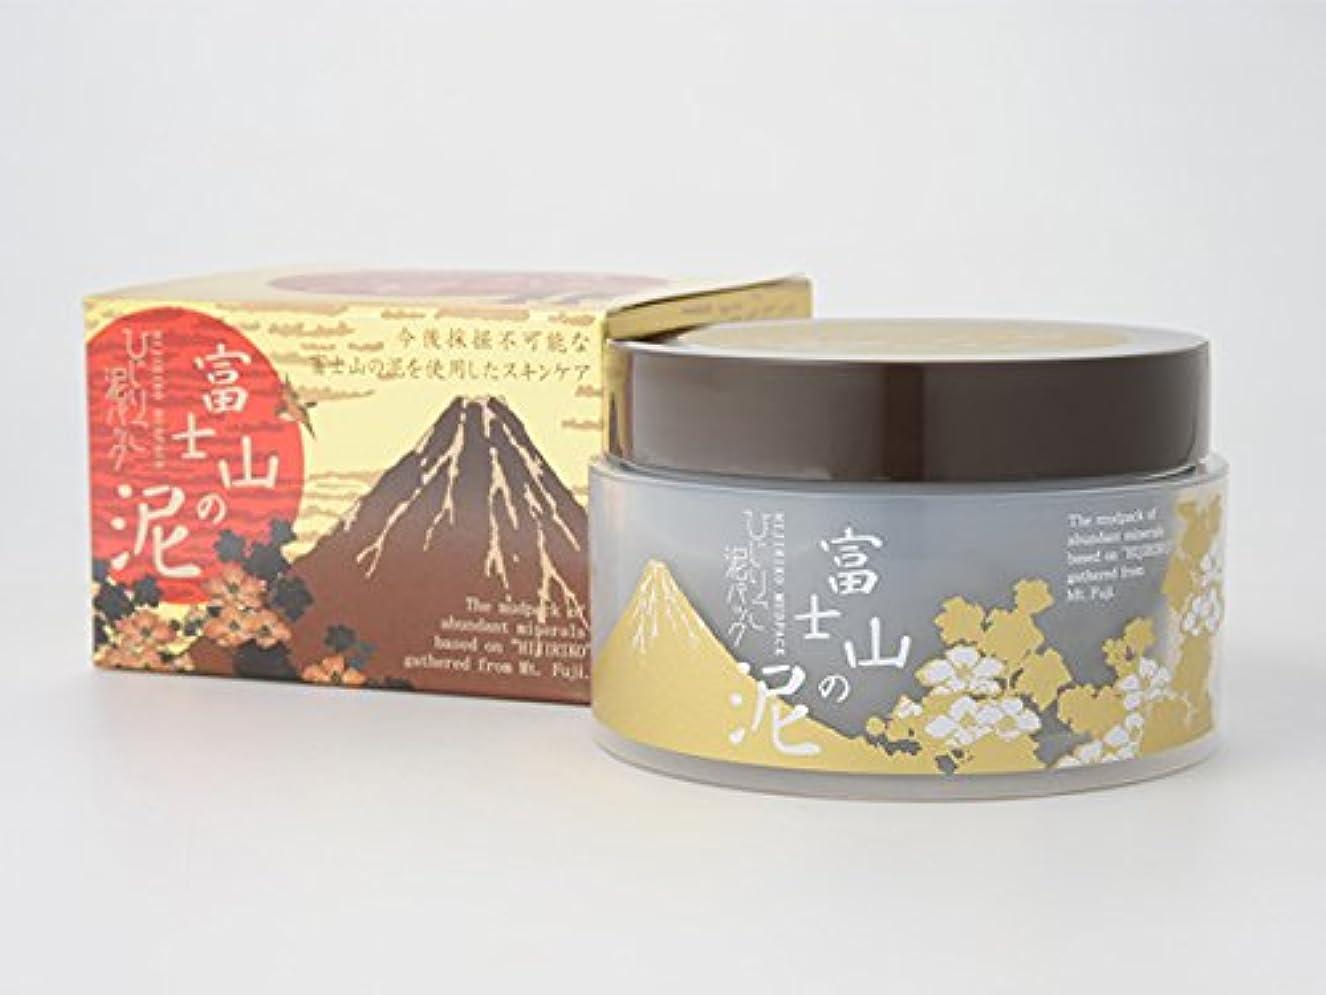 作り上げる細断参照ひじりこ化粧品 ひじりこ泥パックS 富士山の泥 120g